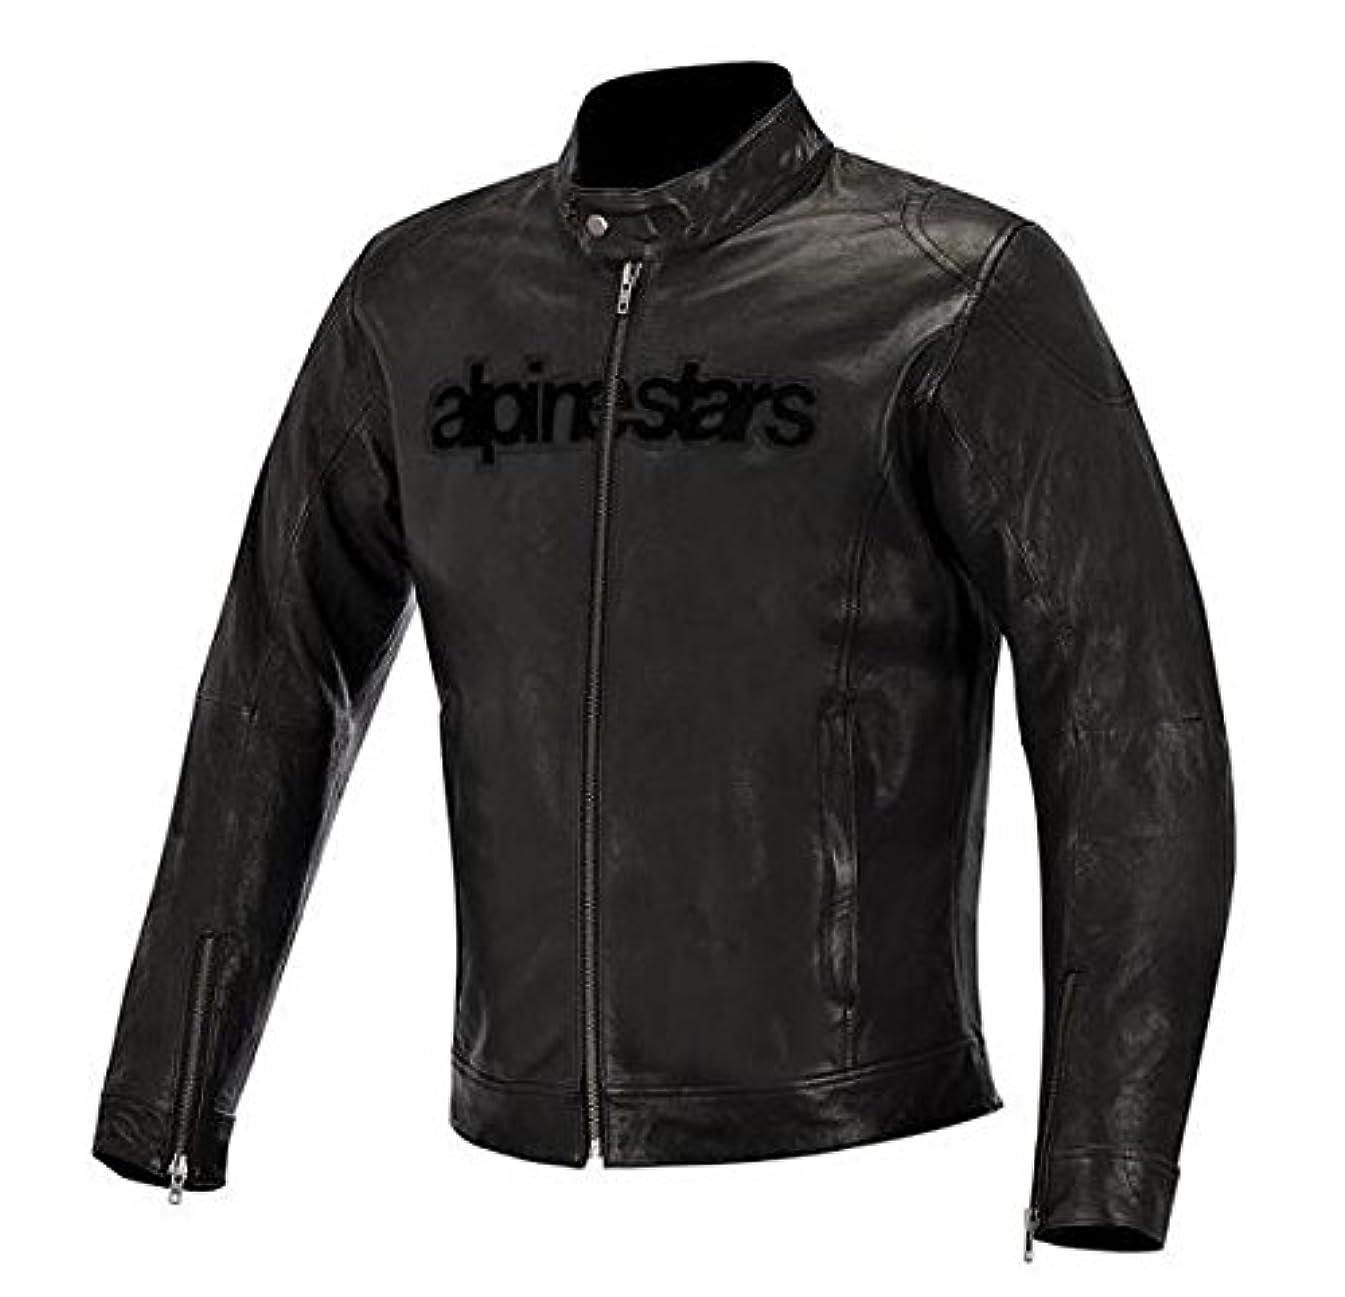 傑出した形成理解するAlpinestars アルパインスター Hunts Shadow Jacket ジャケット 2016モデル ブラック 60